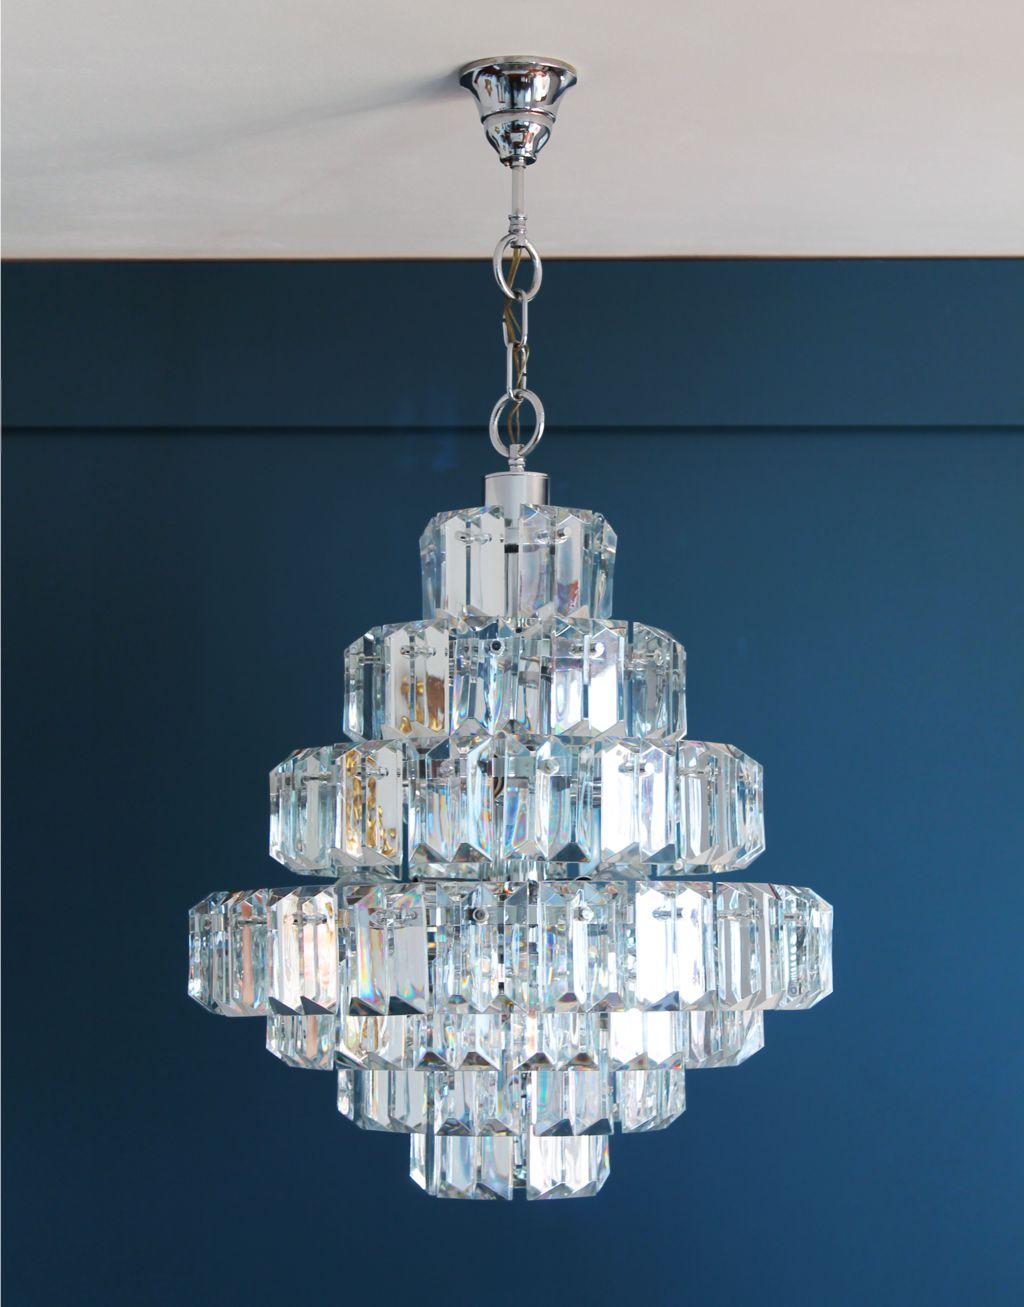 kinkeldey leuchten alemania gran lmpara de techo chandelier de cristal y acero vintage aos 70 - Lamparas De Techo De Cristal